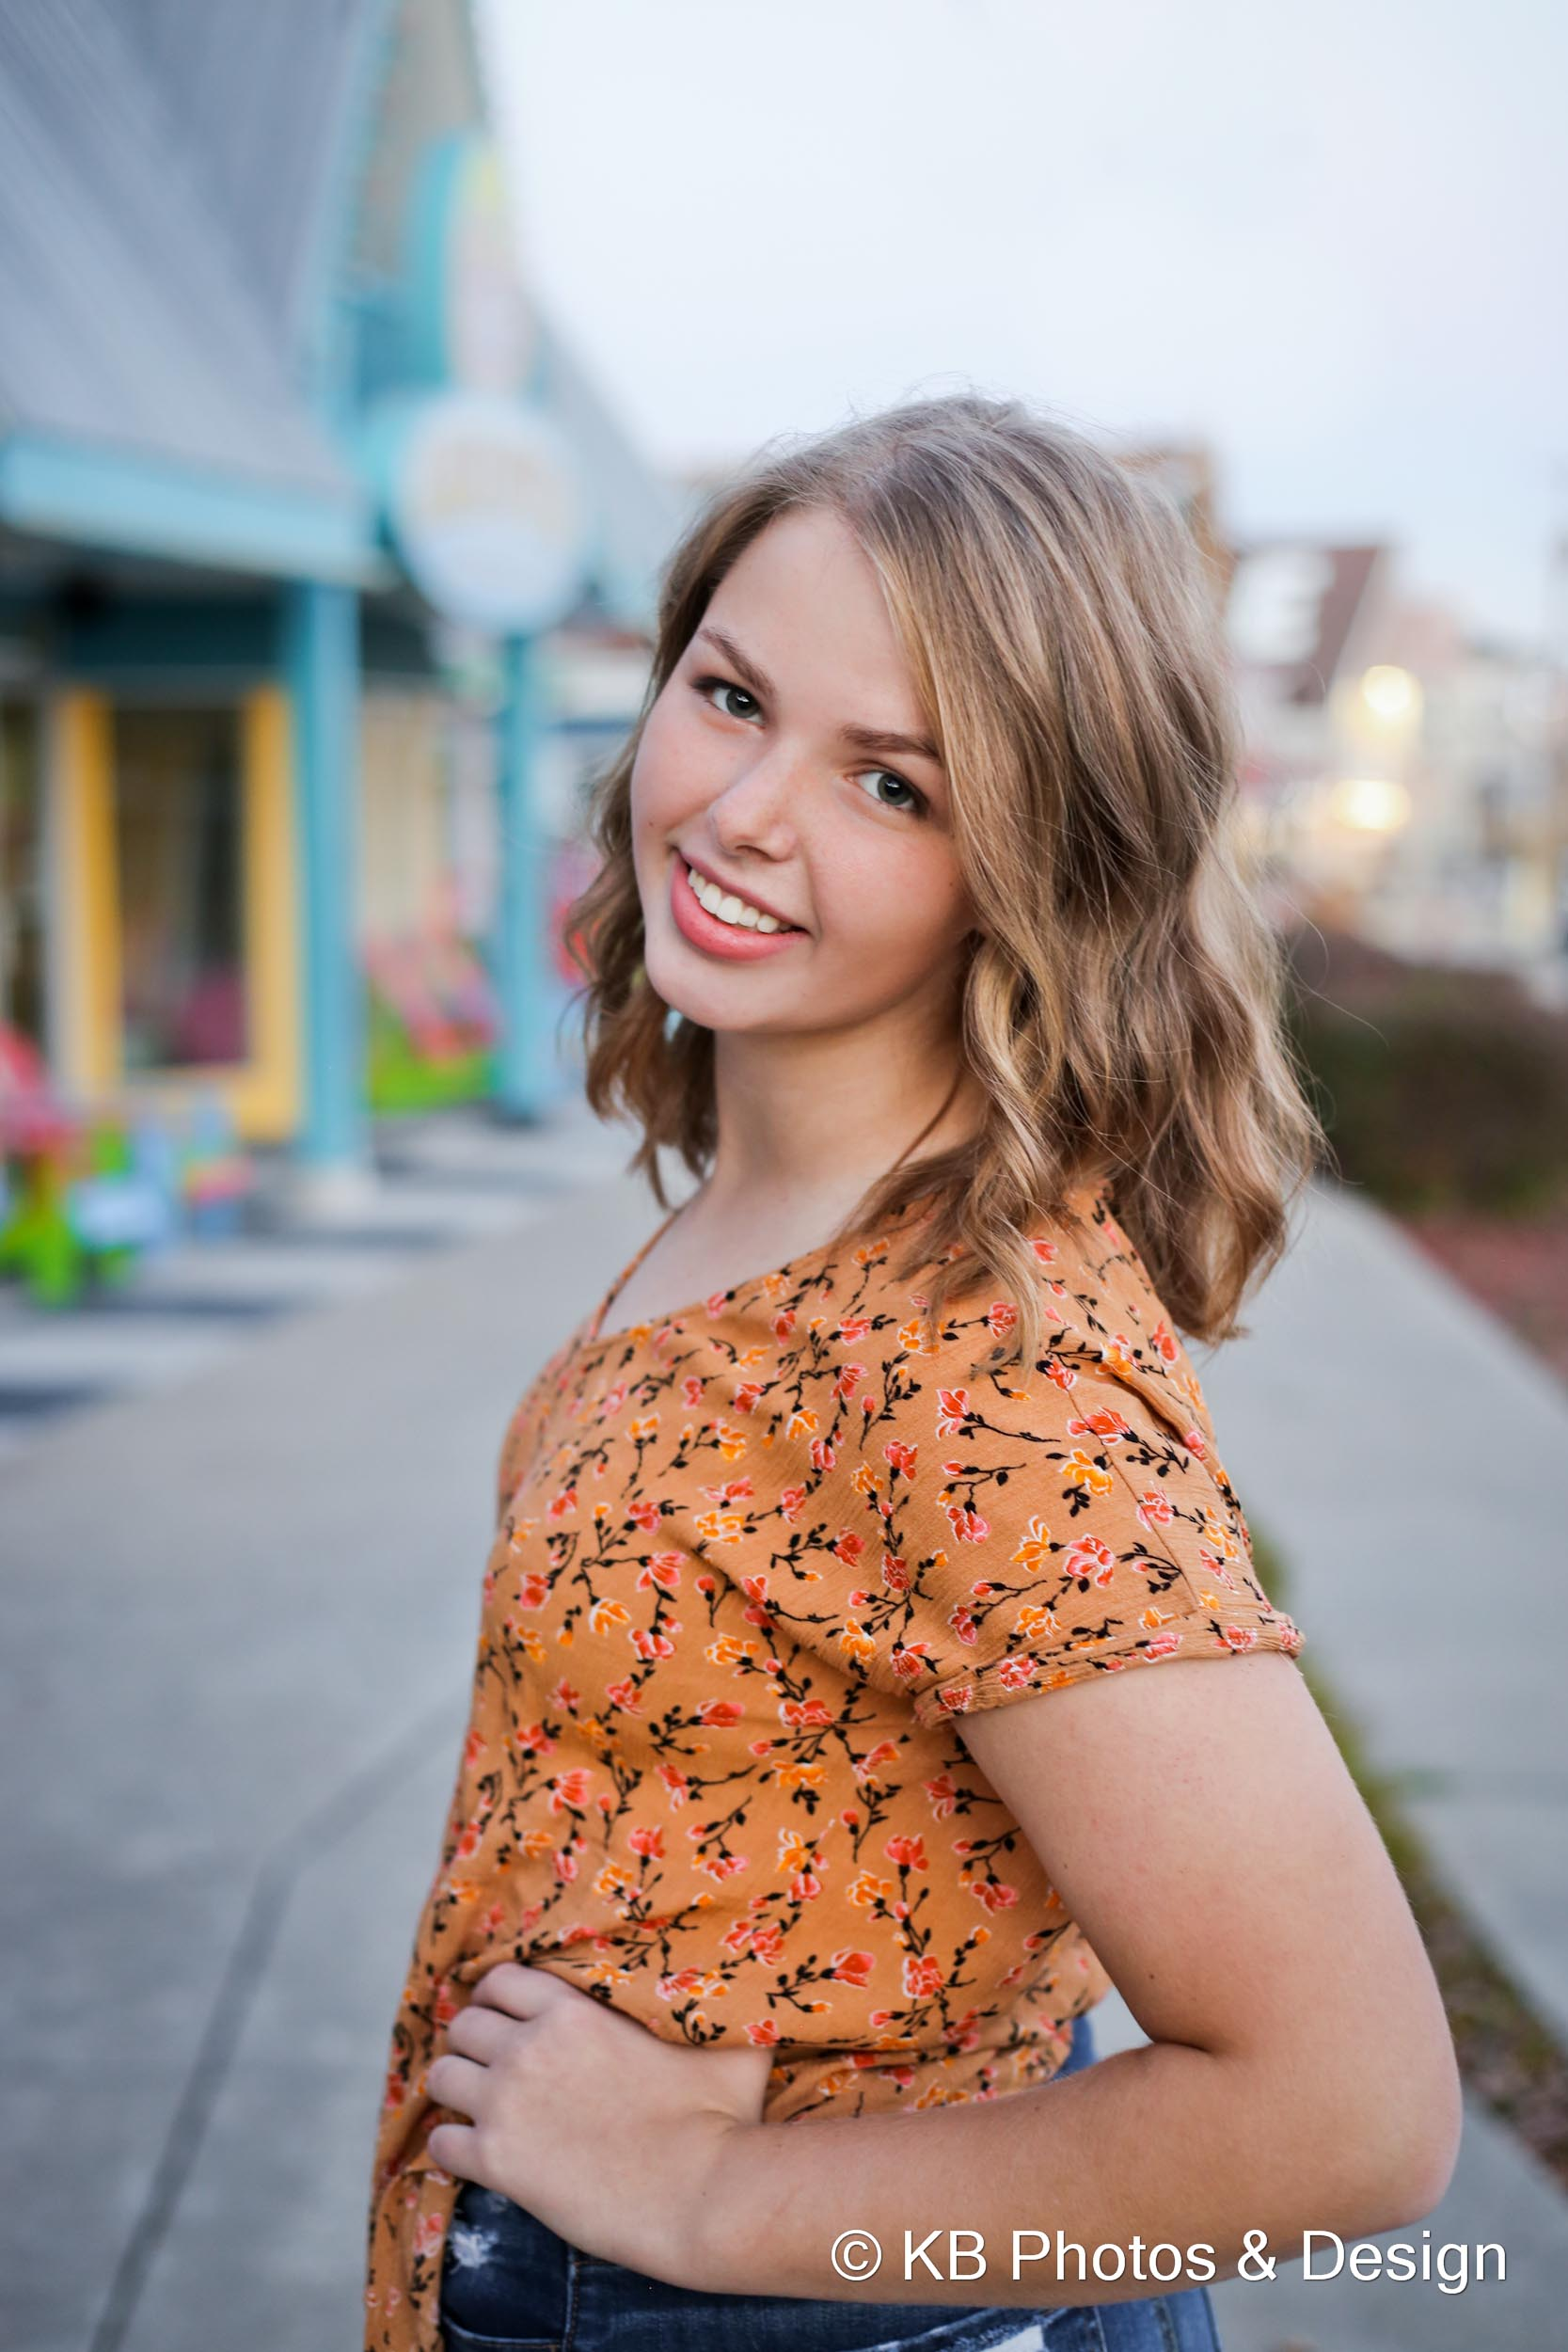 Sarah Senior Photo Shoot-15.JPG